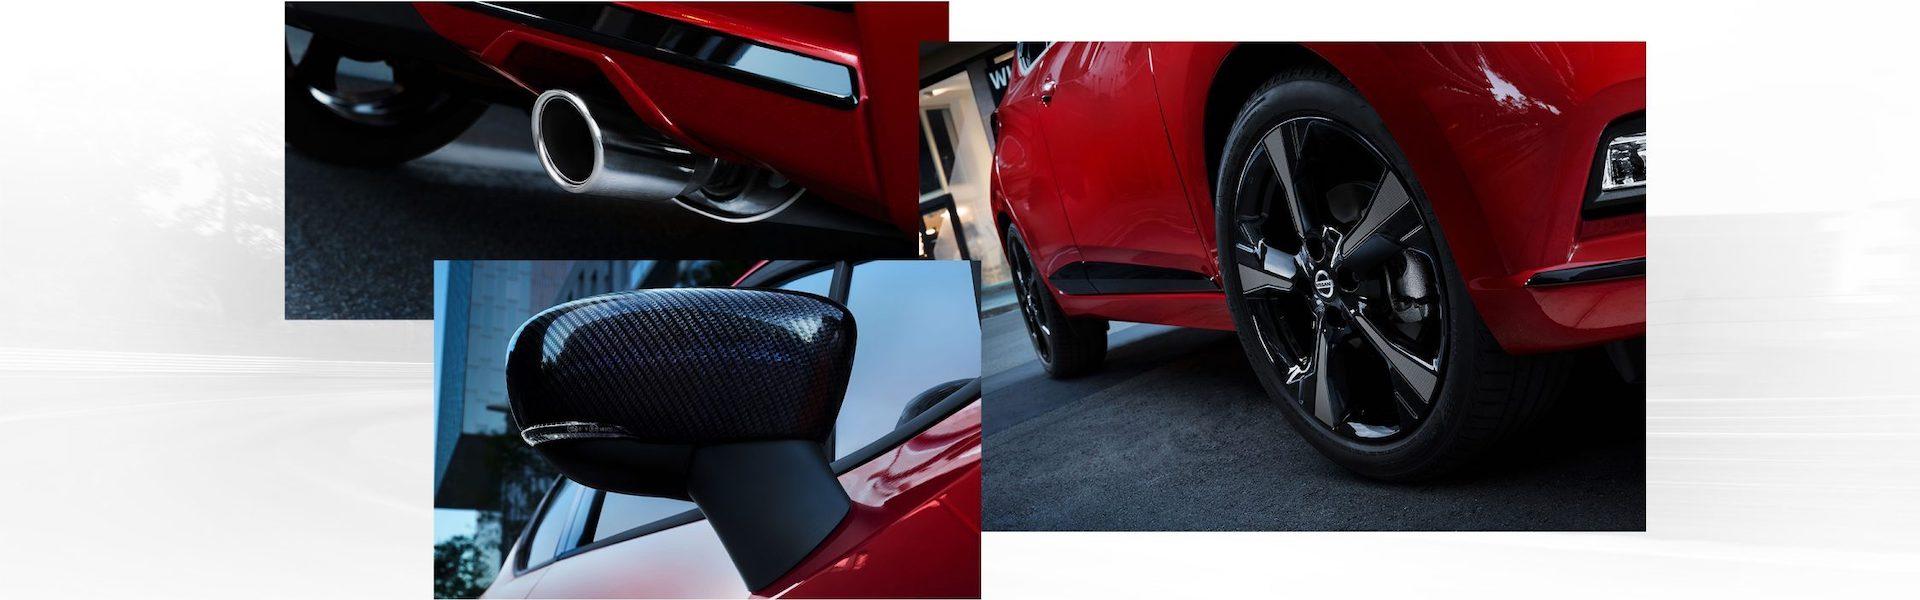 fotos do Nissan Micra